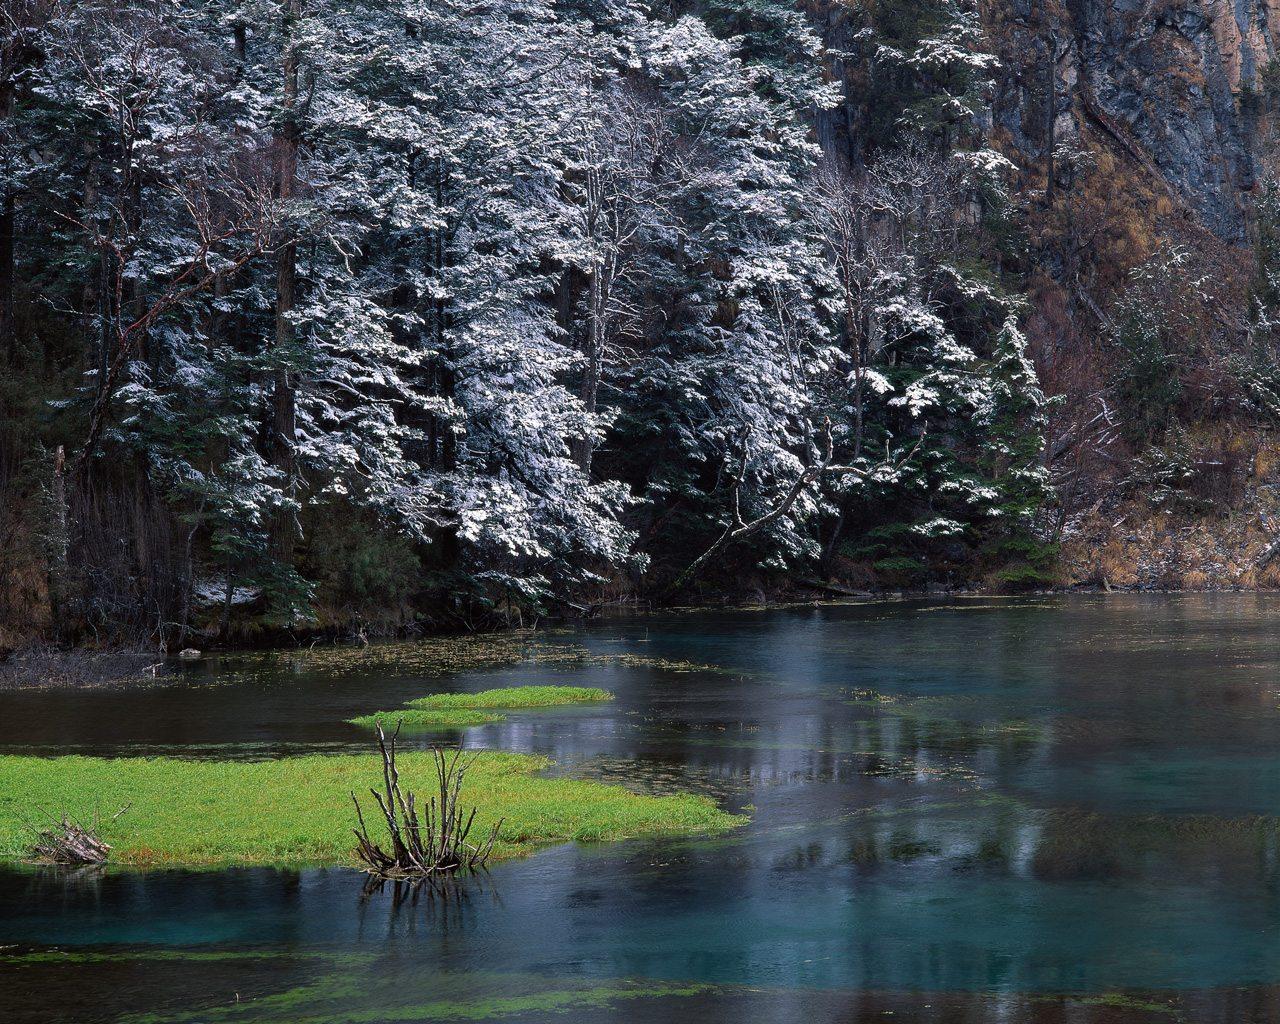 Early Winter Desktop wallpapers 1280x1024 1280x1024